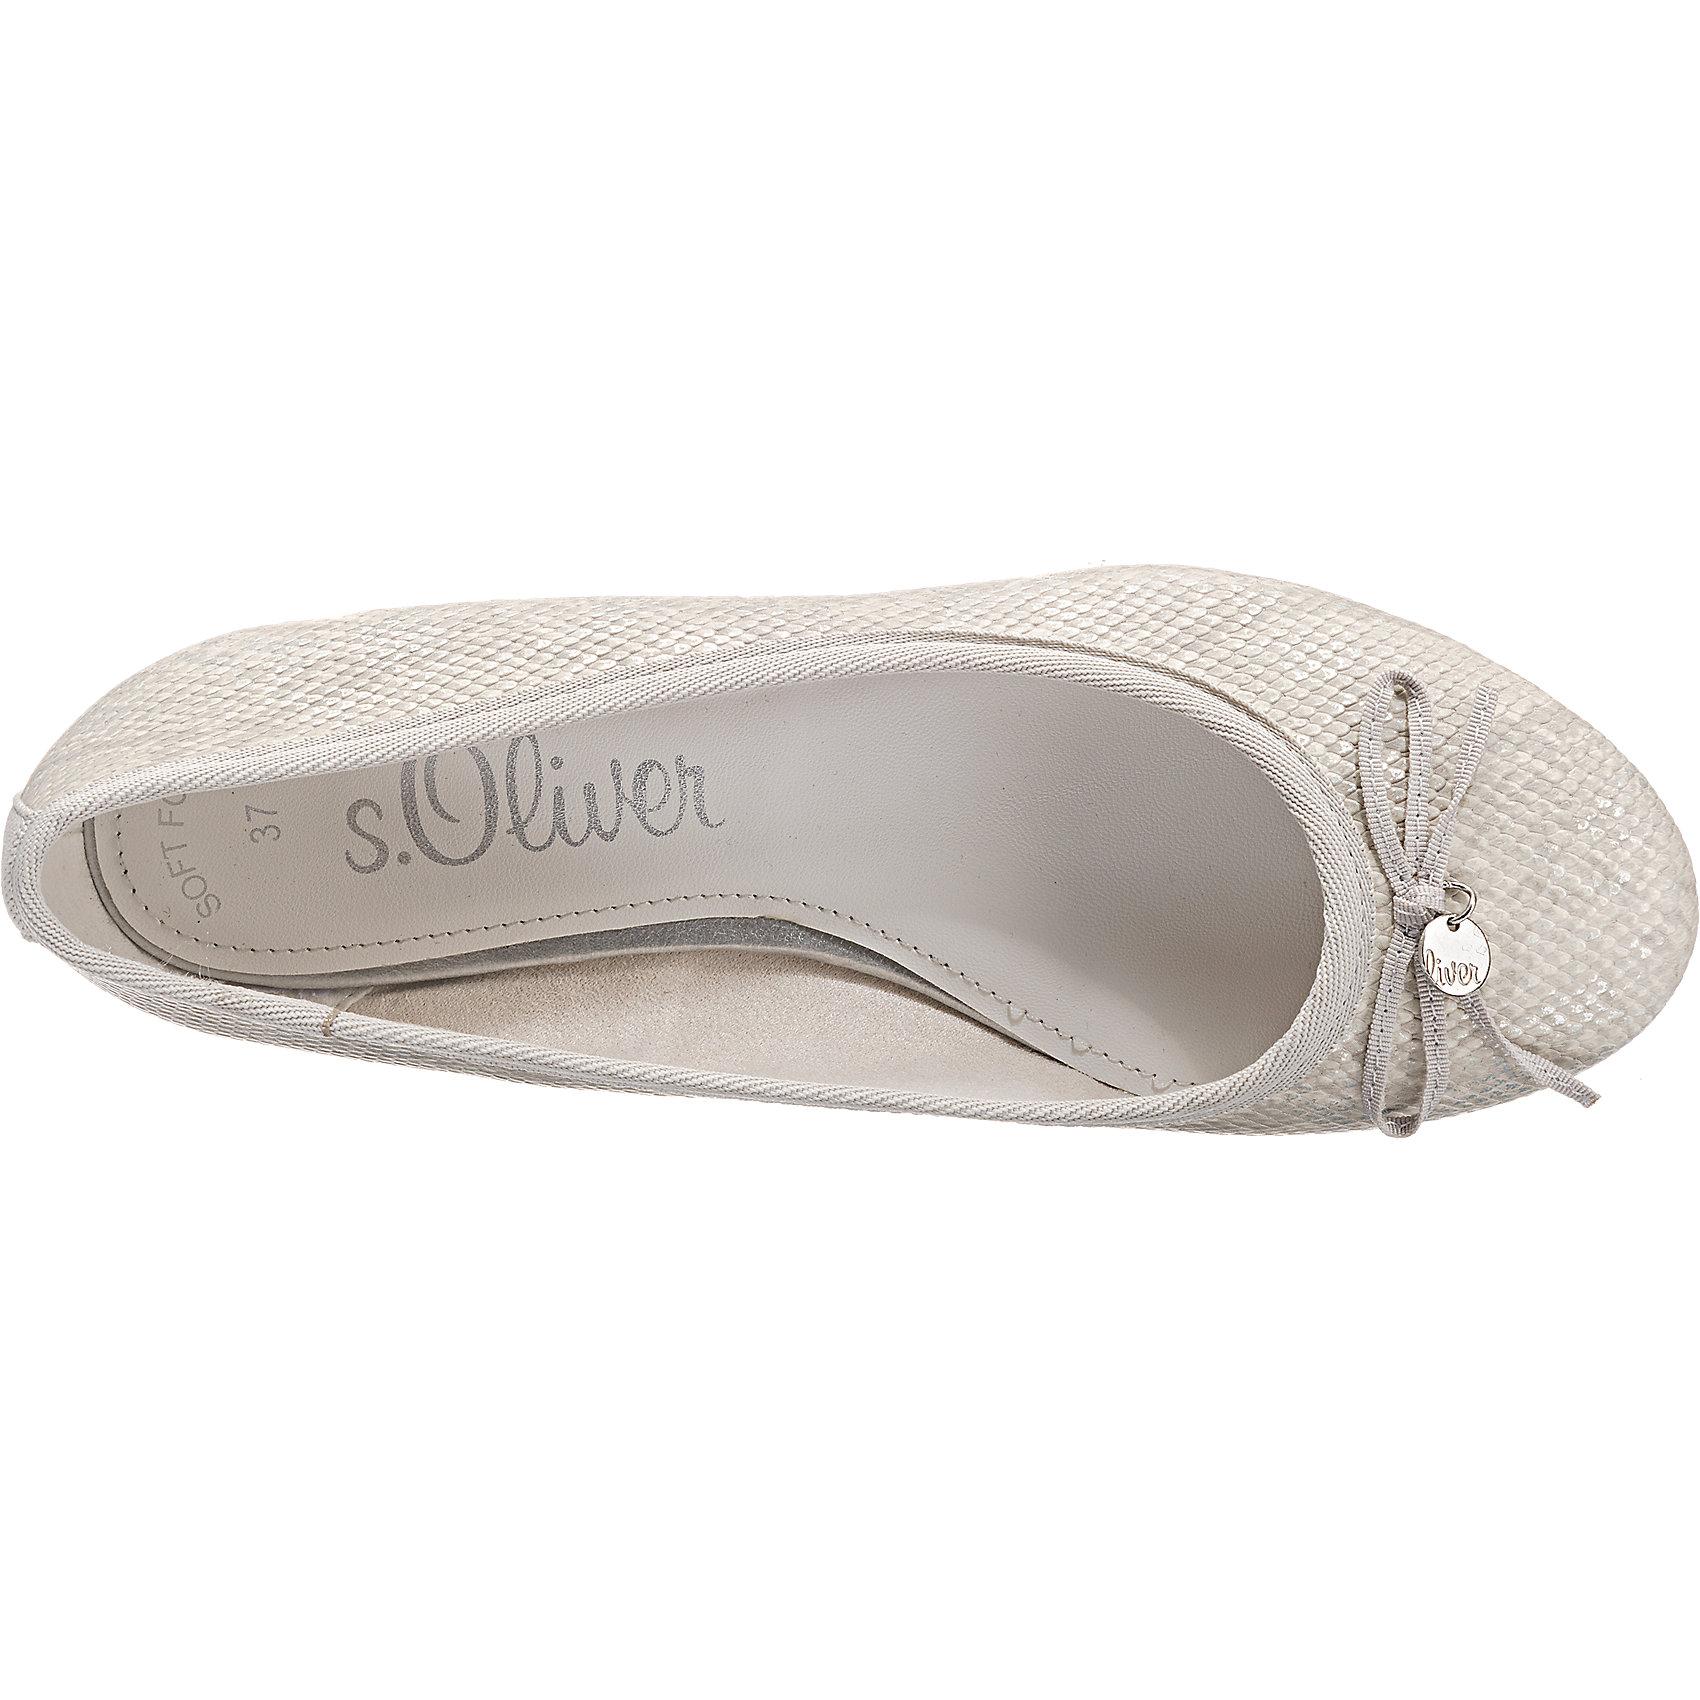 Neu-s-Oliver-Ballerinas-5772868-fuer-Damen